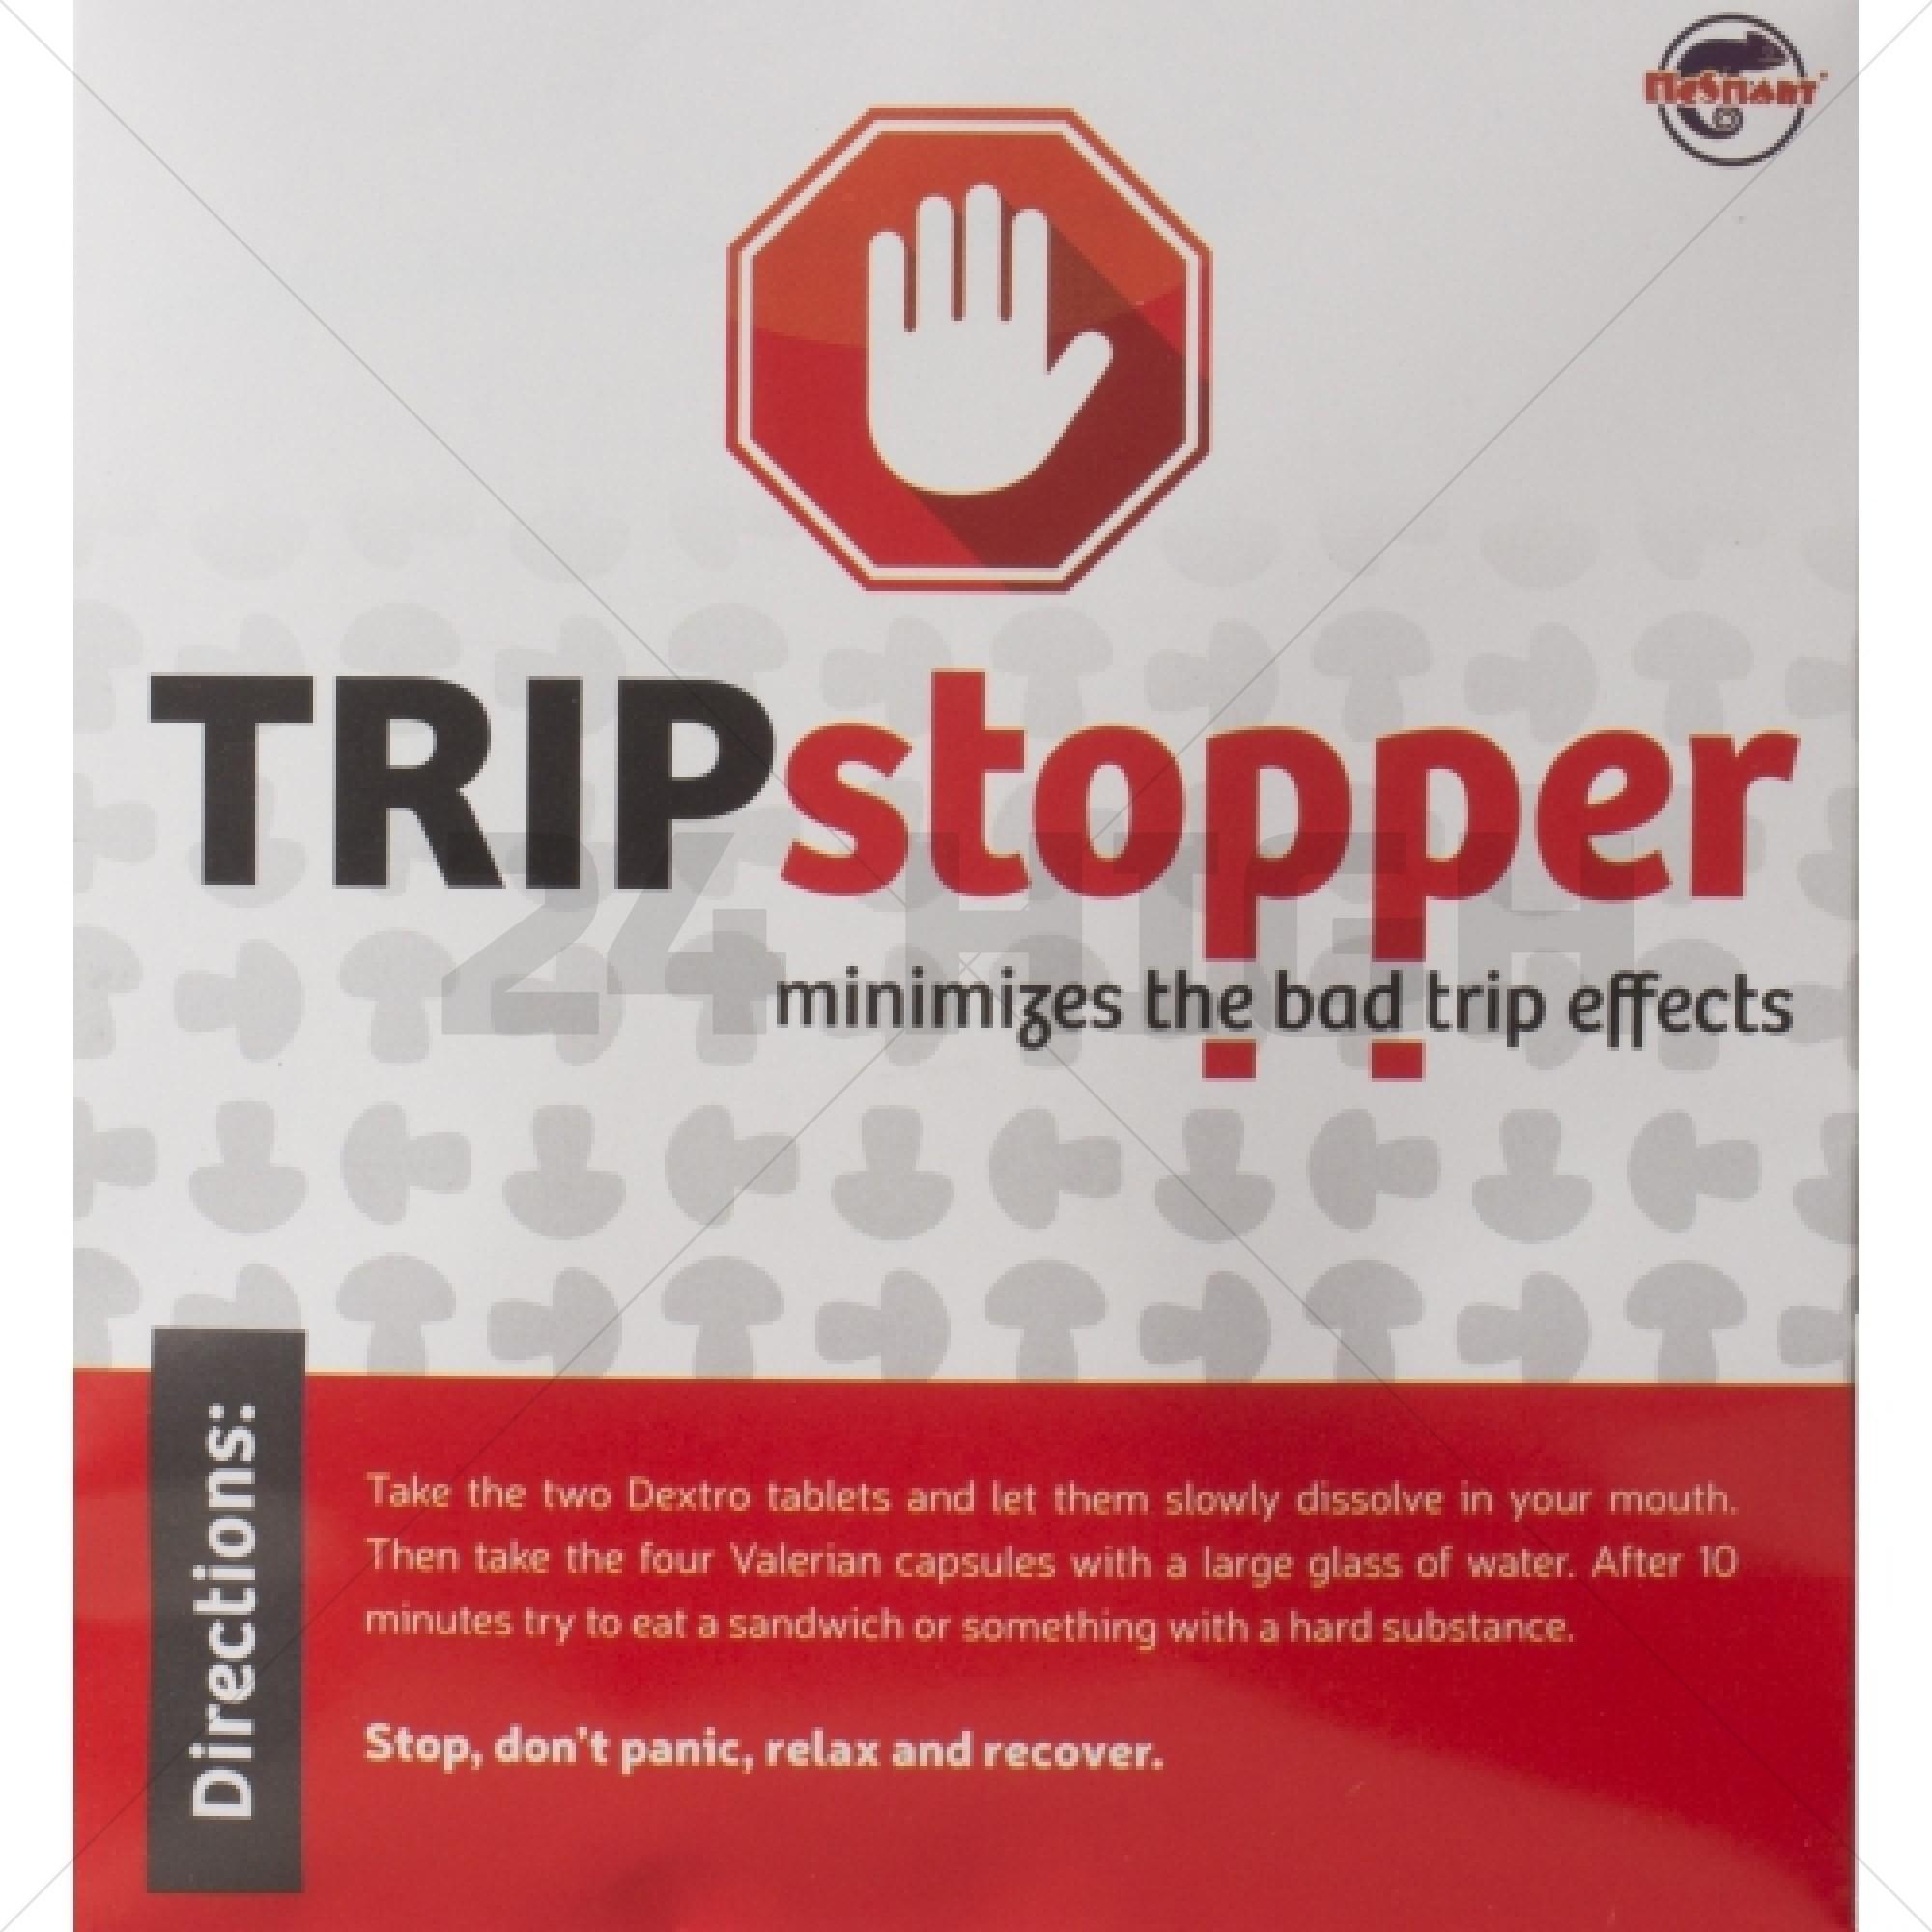 Trip-stopper